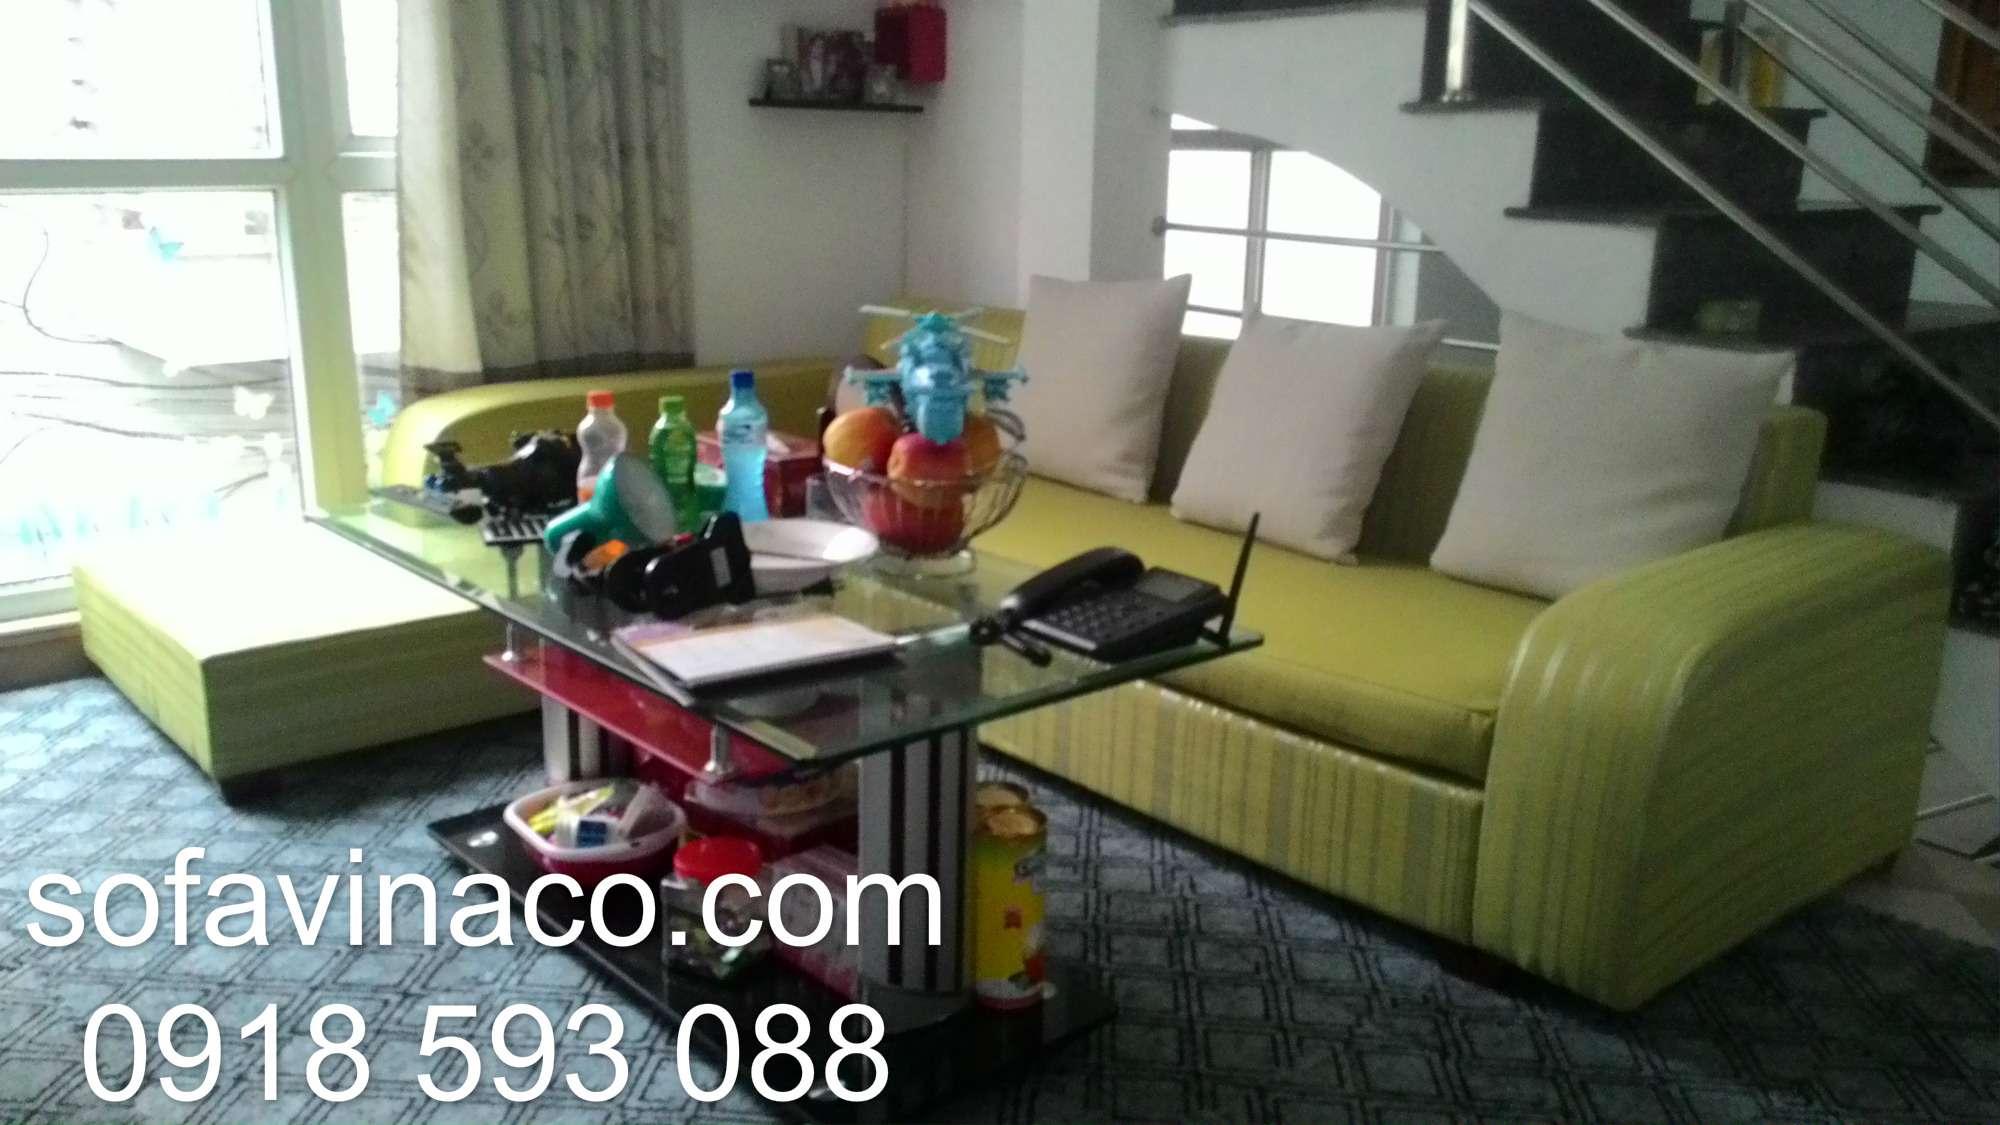 Bọc ghế sofa vải nỉ - Hoàng Quốc Việt- Cầu Giấy